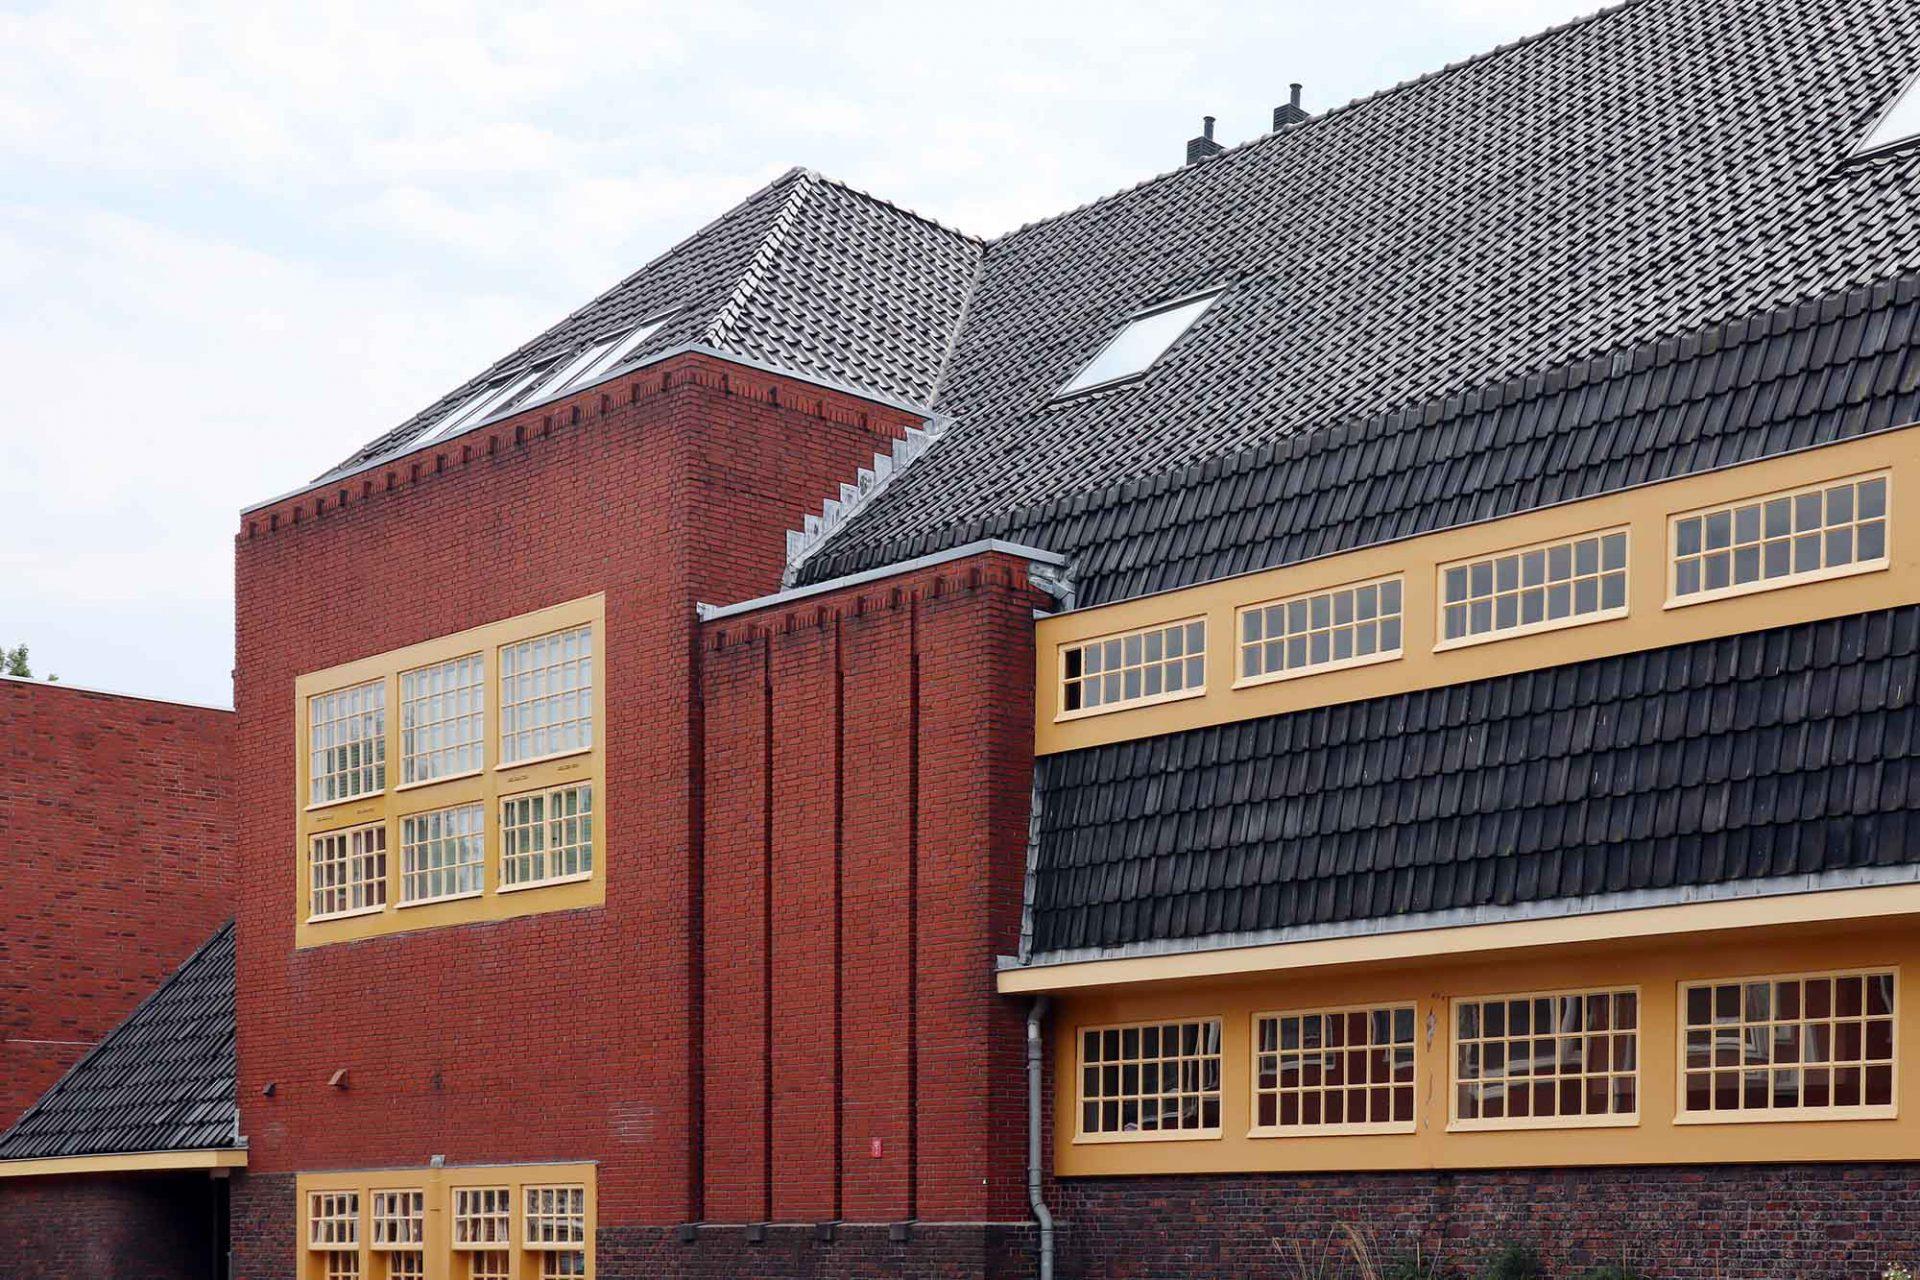 Schule an der Jan Hissink Jansenstraat. Entwurf: S. J. Bouma. Fertigstellung: 1926. Das langgezogene Schulgebäude besteht aus verschiedenen Baukörpern mit unterschiedlichen Fassadenflächen und Dachformen sowie großen Fenstern. Seit 2002 ist der Komplex eine Wohnanlage.